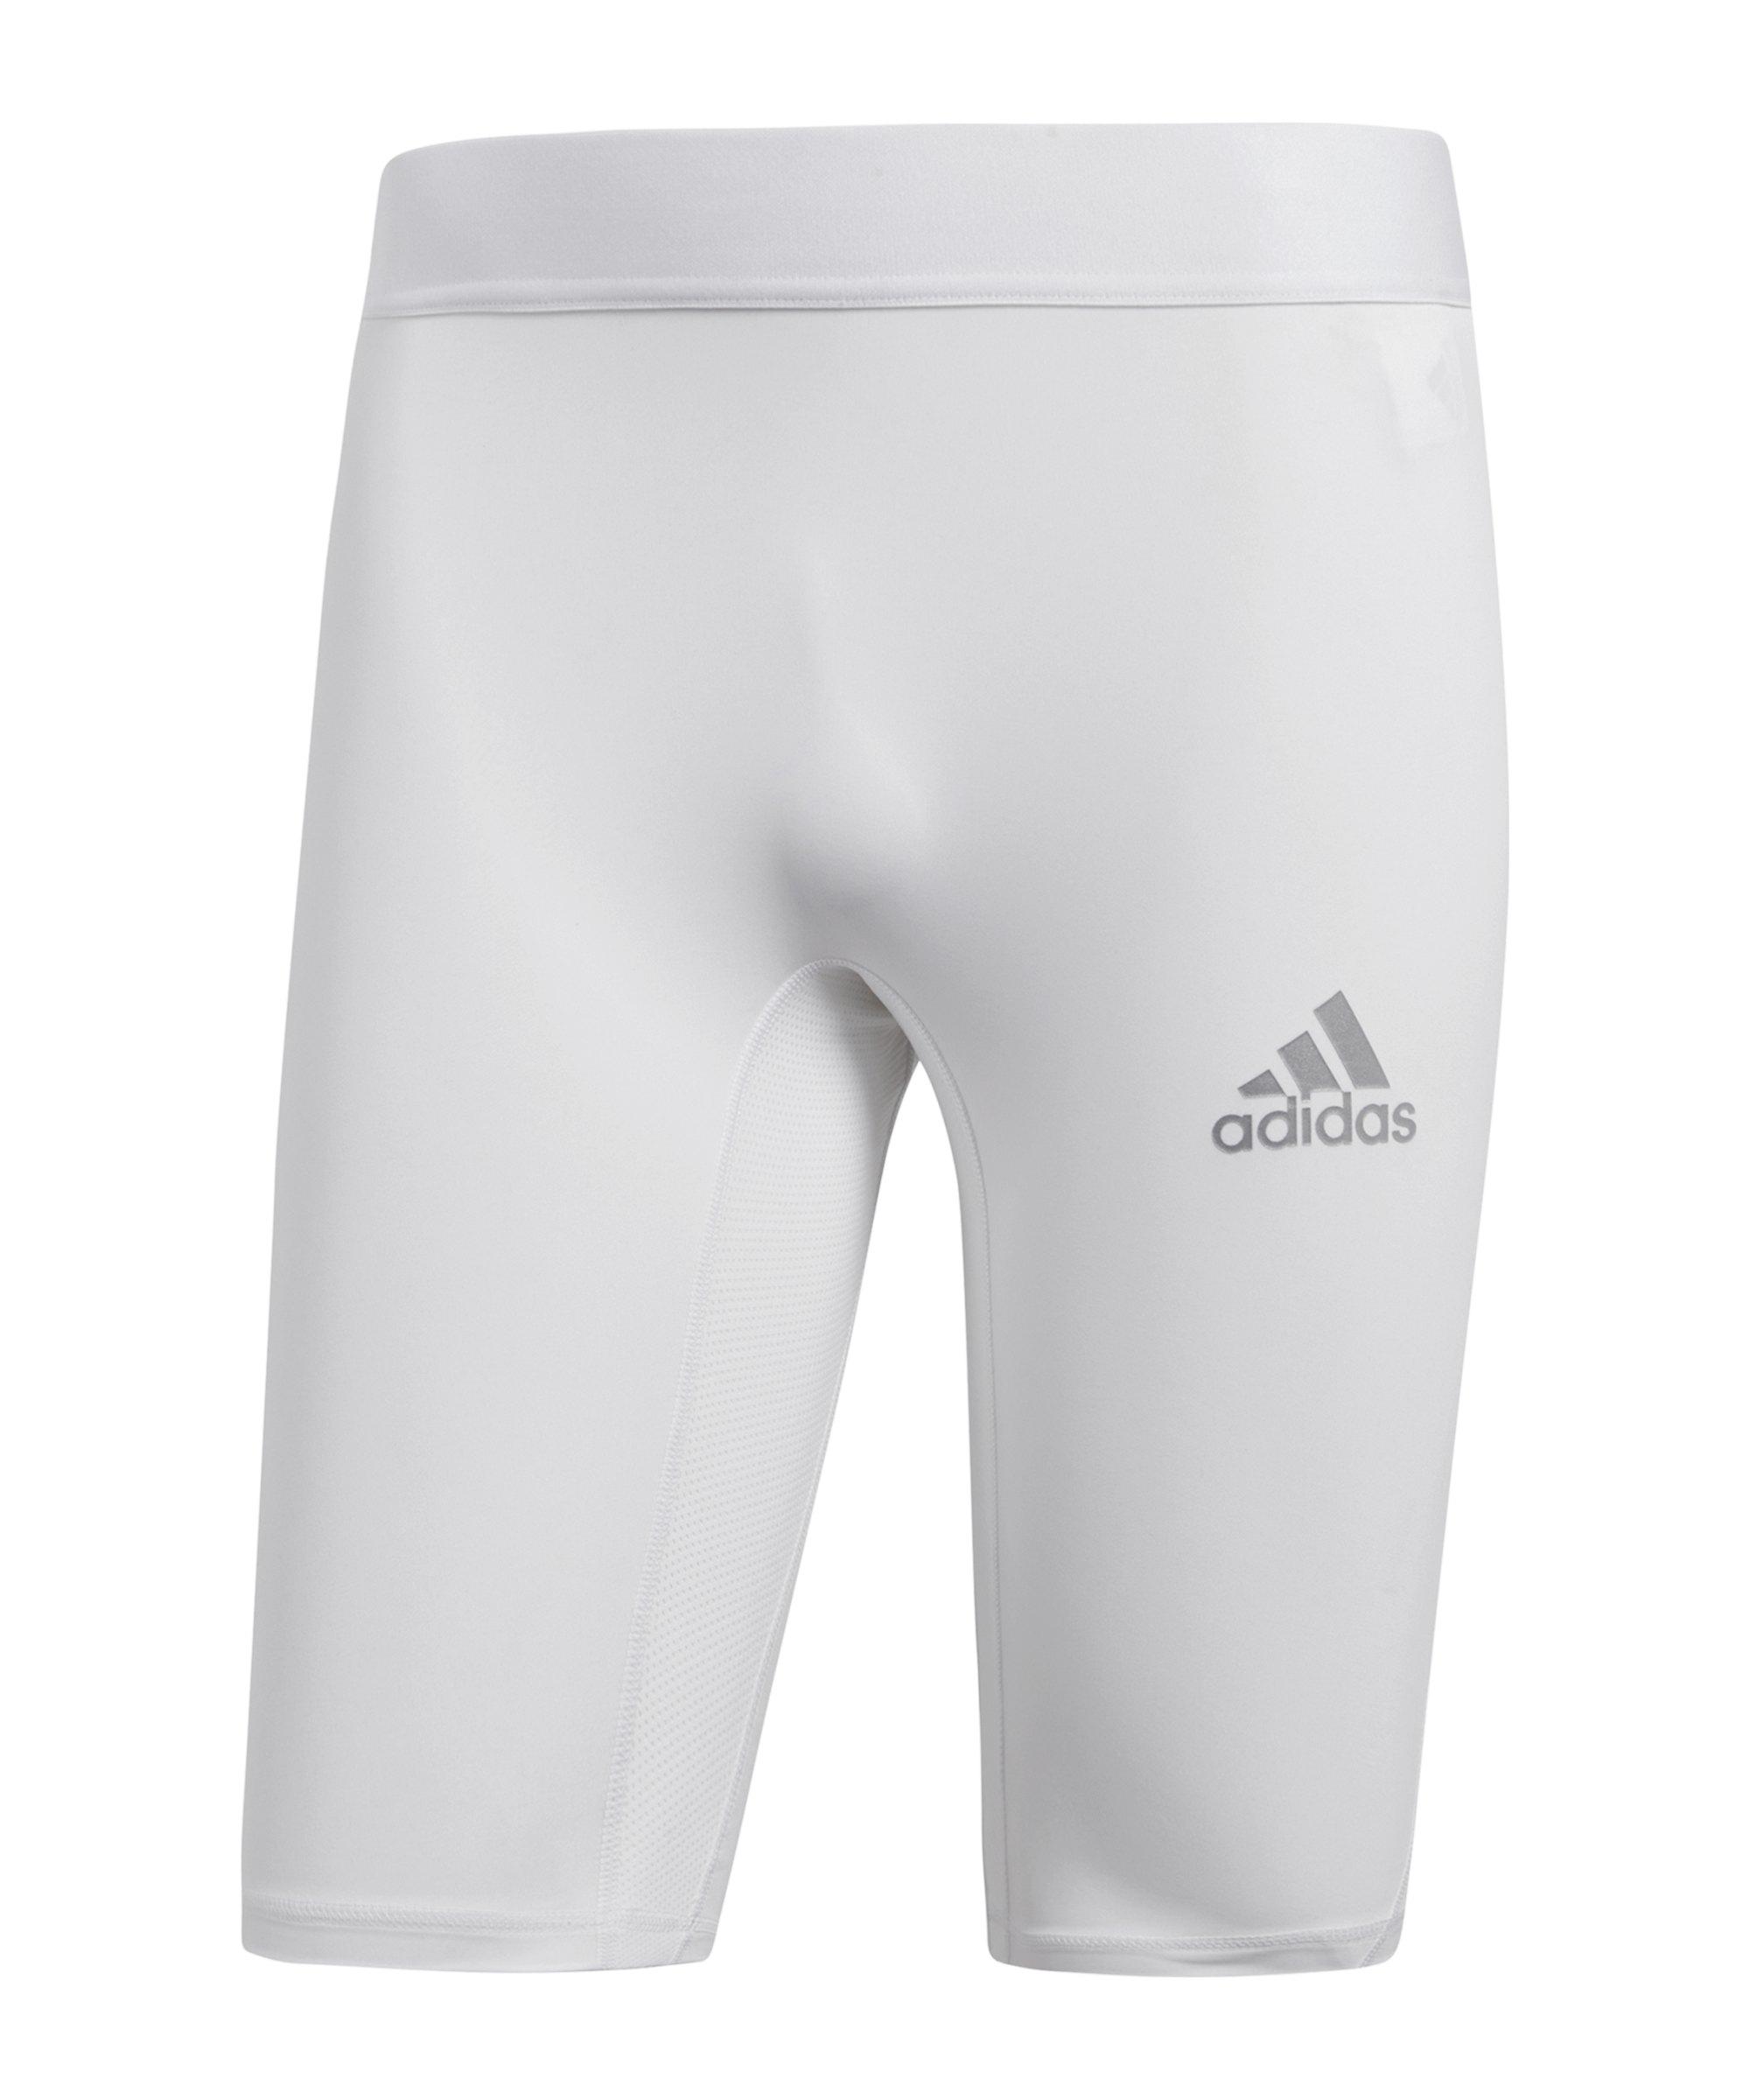 adidas Alphaskin Sport Short Weiss - weiss